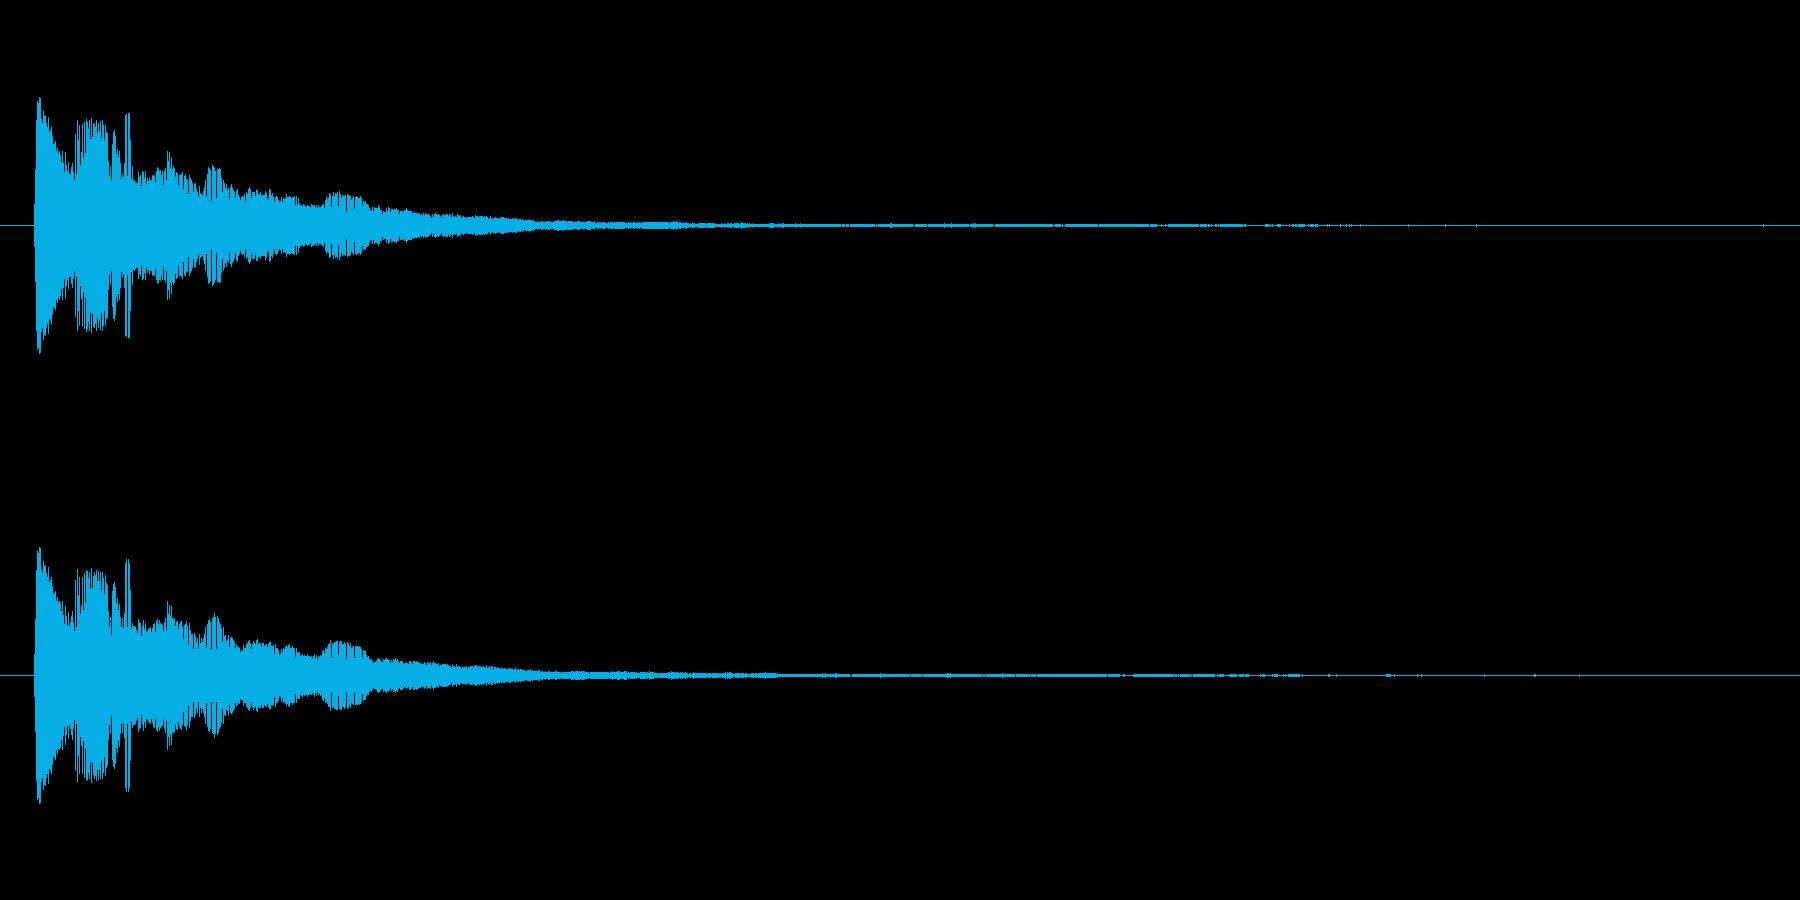 ビローン(笑いを誘う伸びる音)の再生済みの波形